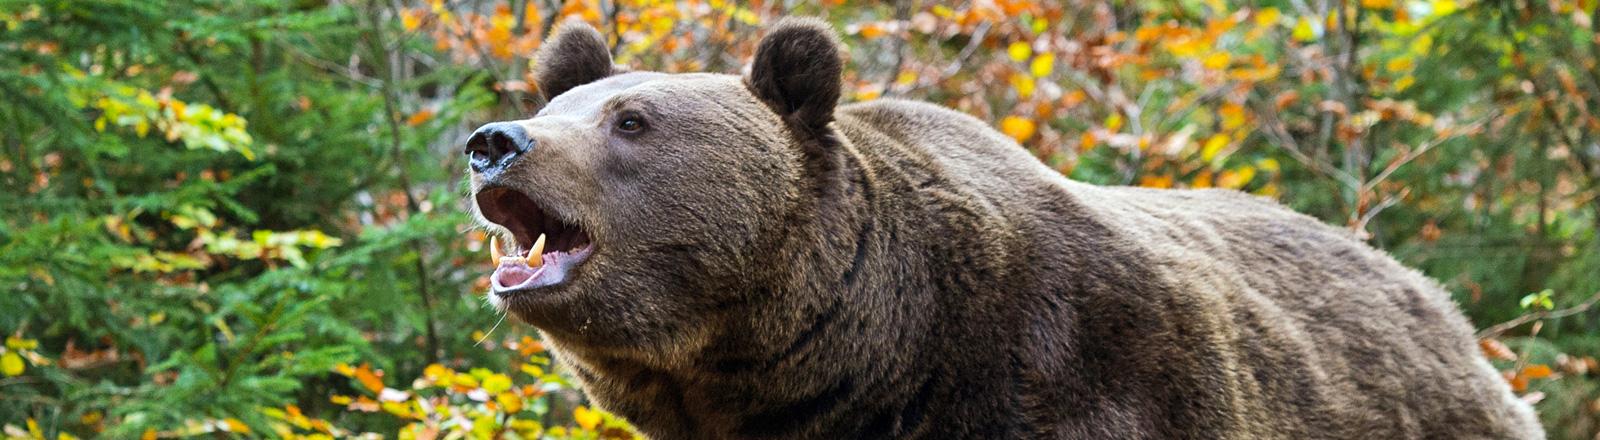 Ein Braunbär im Wald streckt seinen Kopf nach vorne und hat sein Maul geöffnet; Bild: dpa